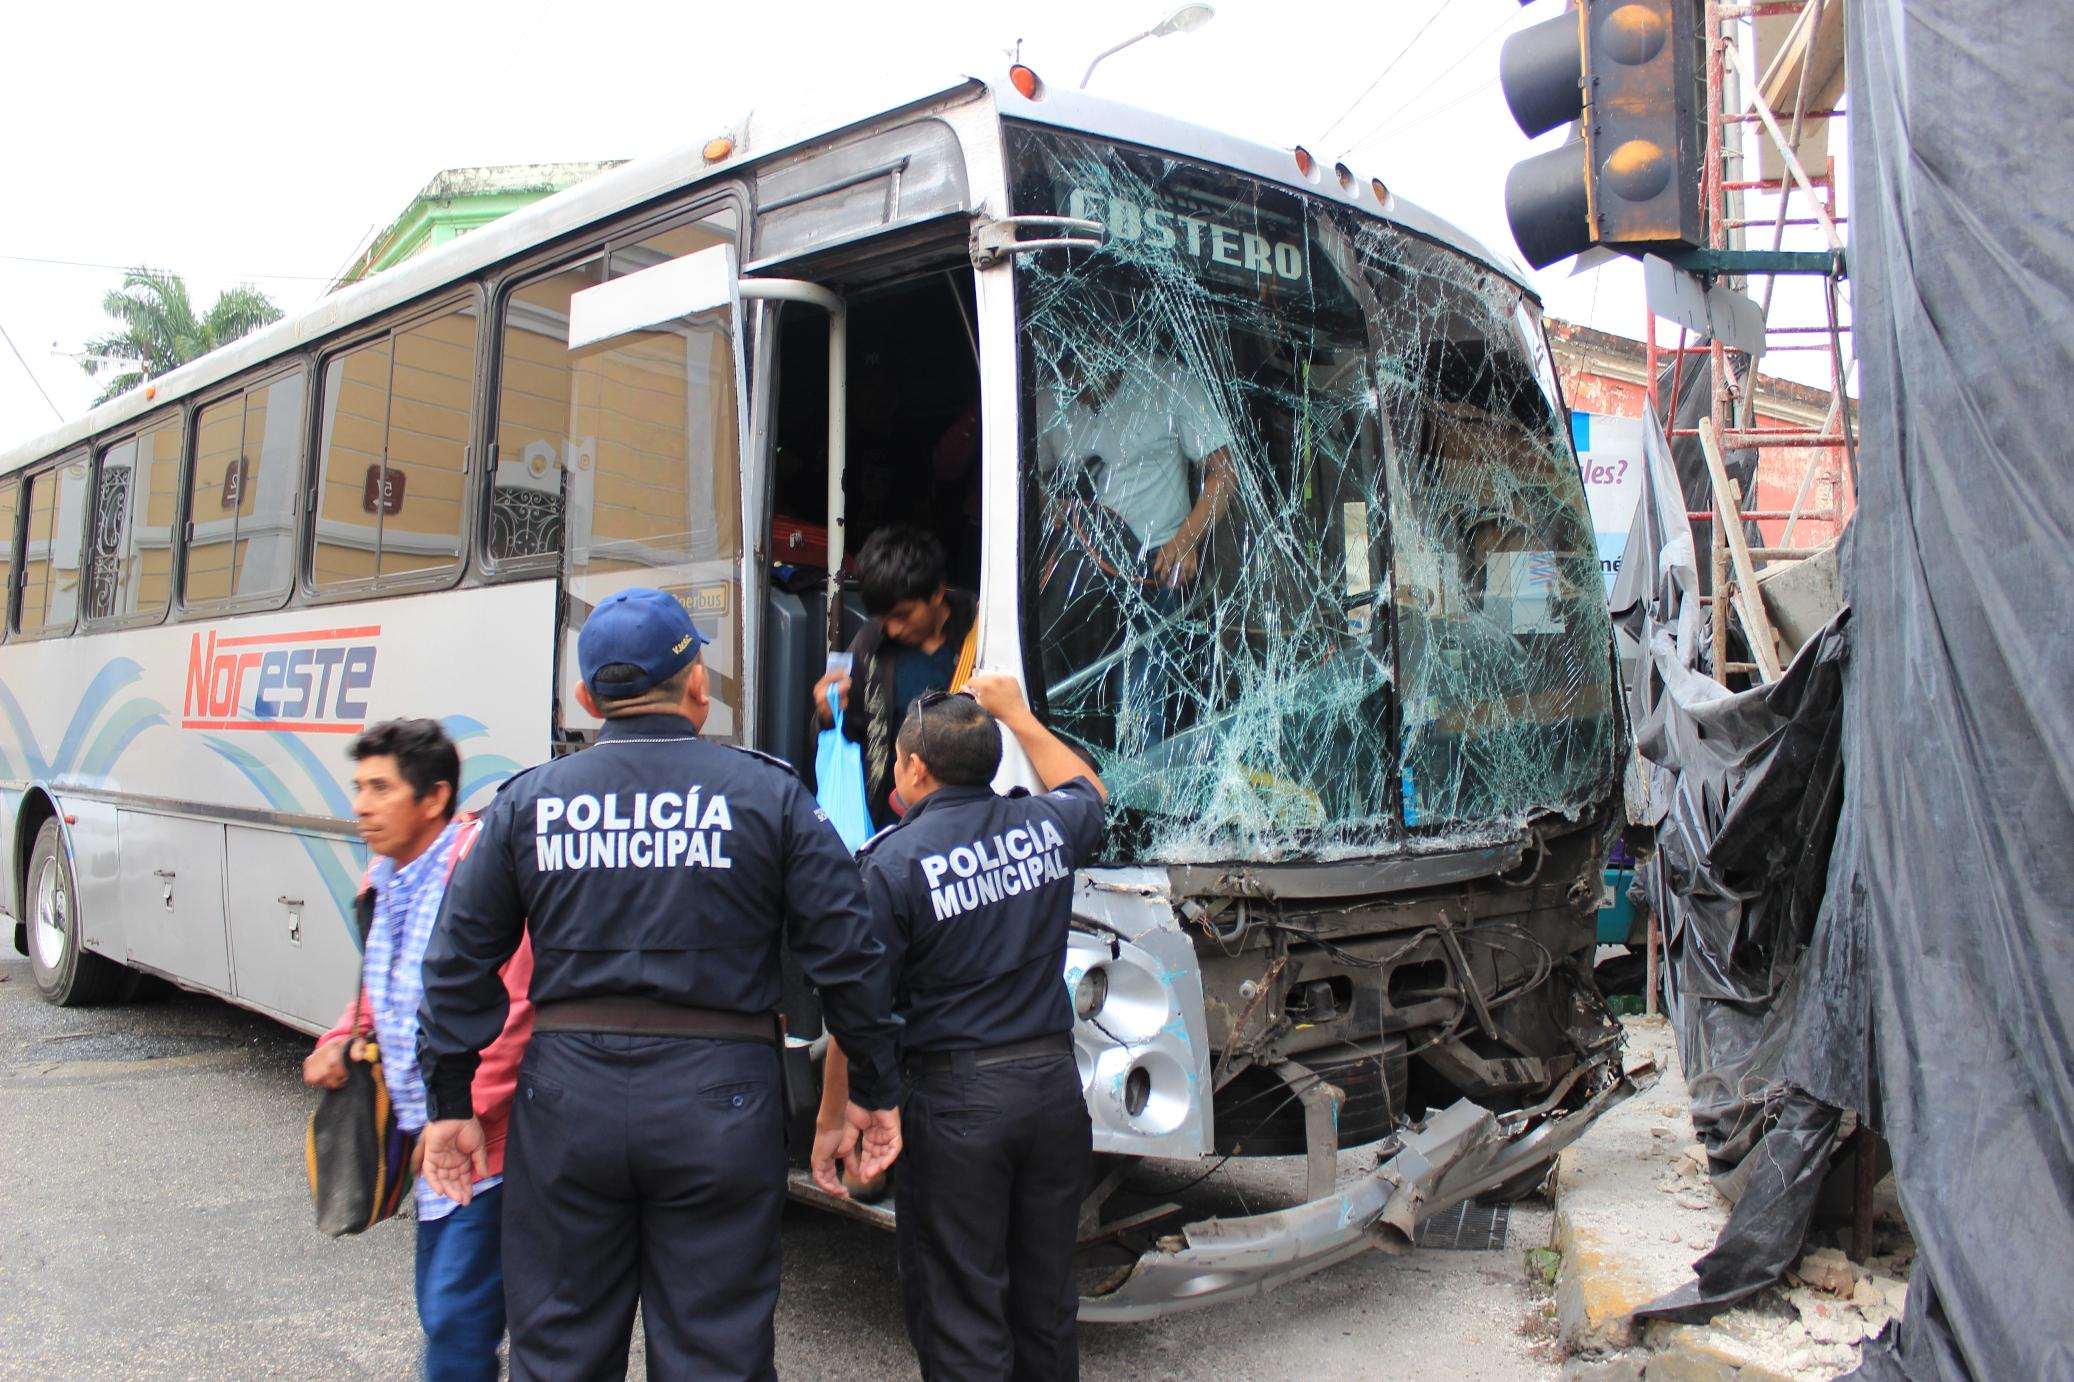 Esto fue lo que dejó el choque entre autobuses en Centro Histórico de Mérida